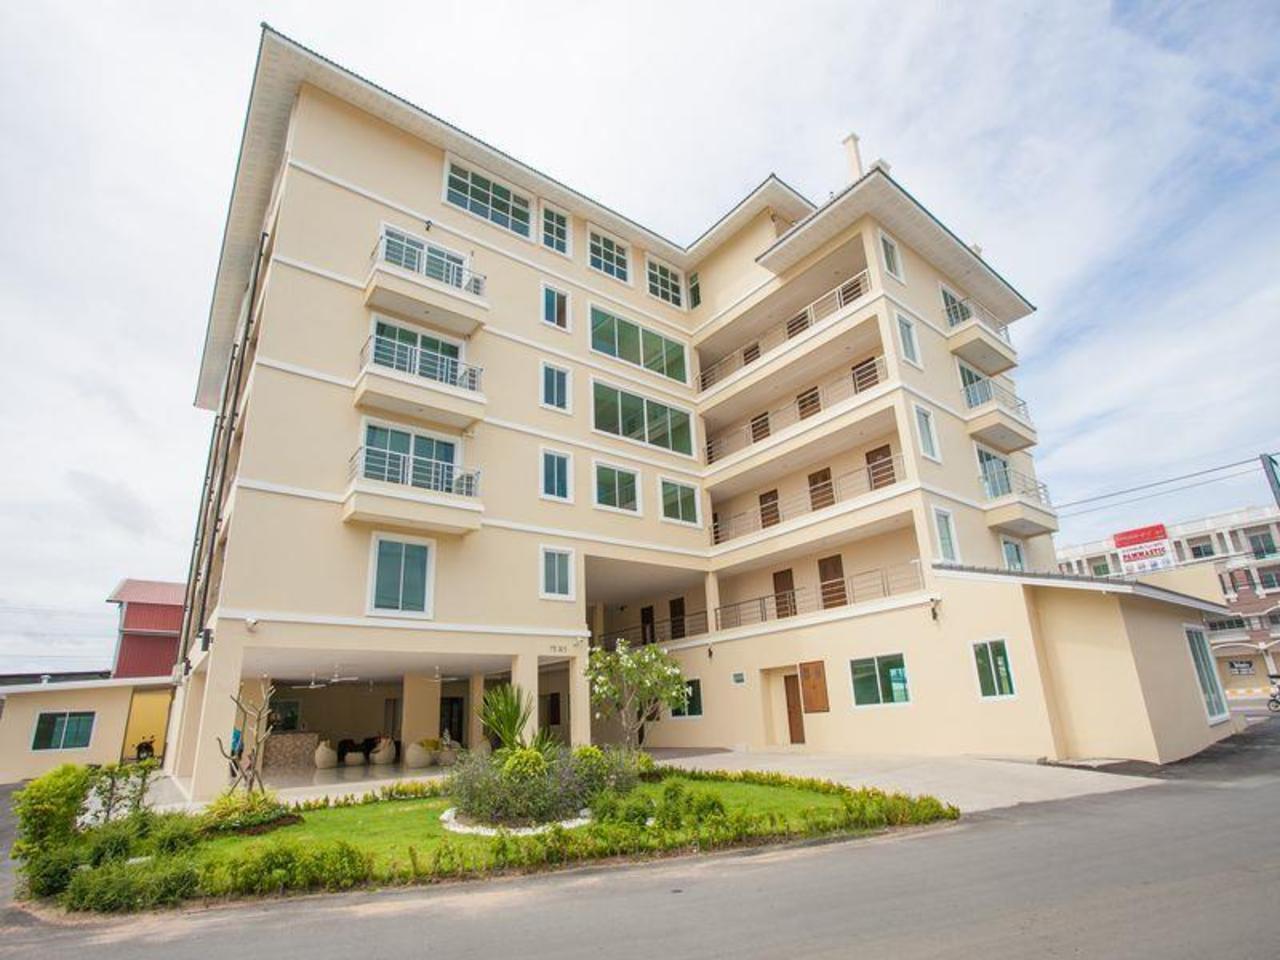 ดีไลท์ เรสซิเดนซ์ พัทยา (Delight Residence Pattaya)